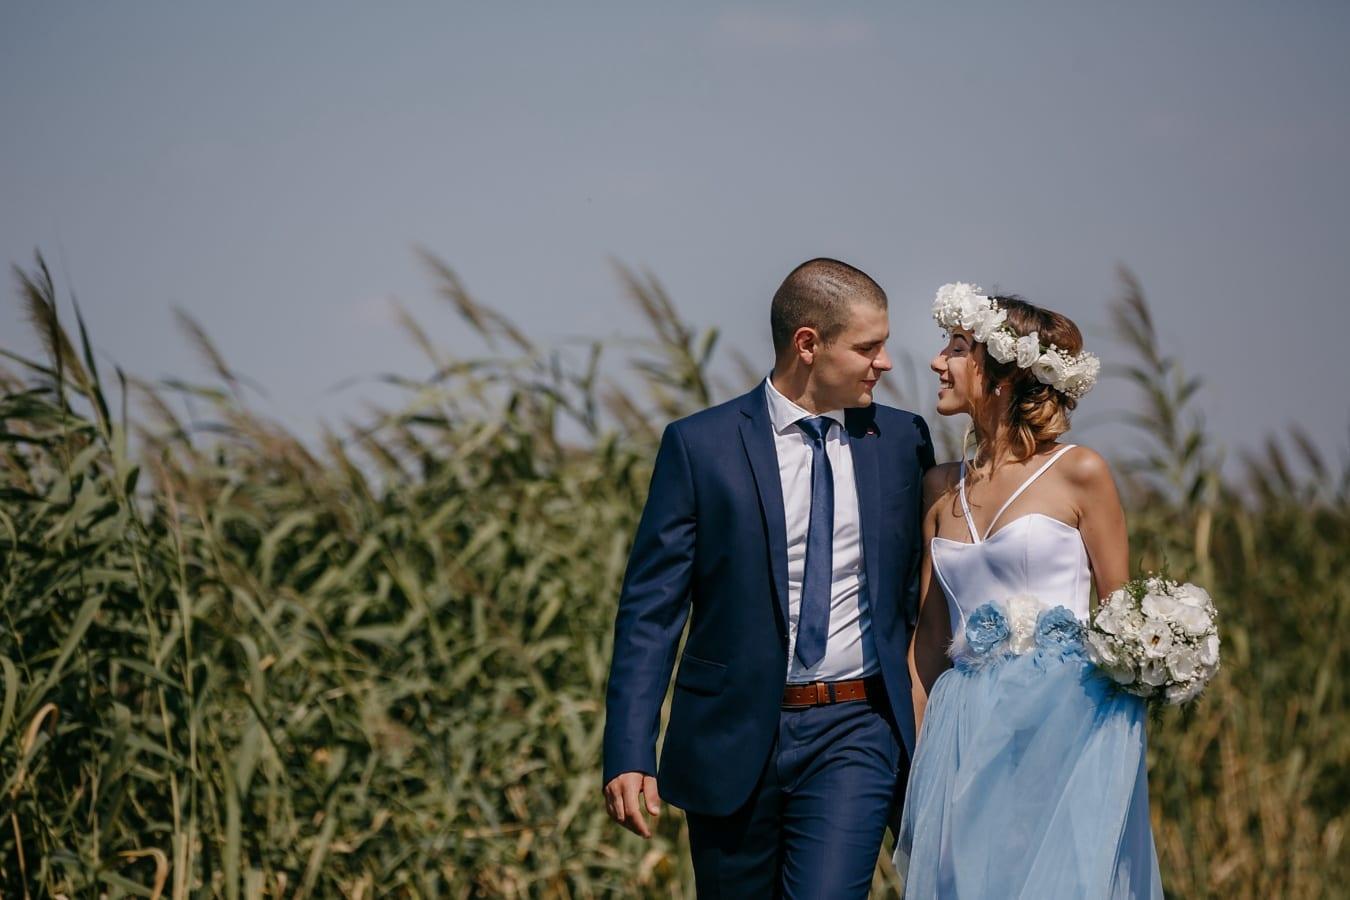 Geschäftsmann, herrlich, junge Frau, Landschaft, Zuneigung, im freien, Liebe, Lächeln, Hochzeit, Bräutigam